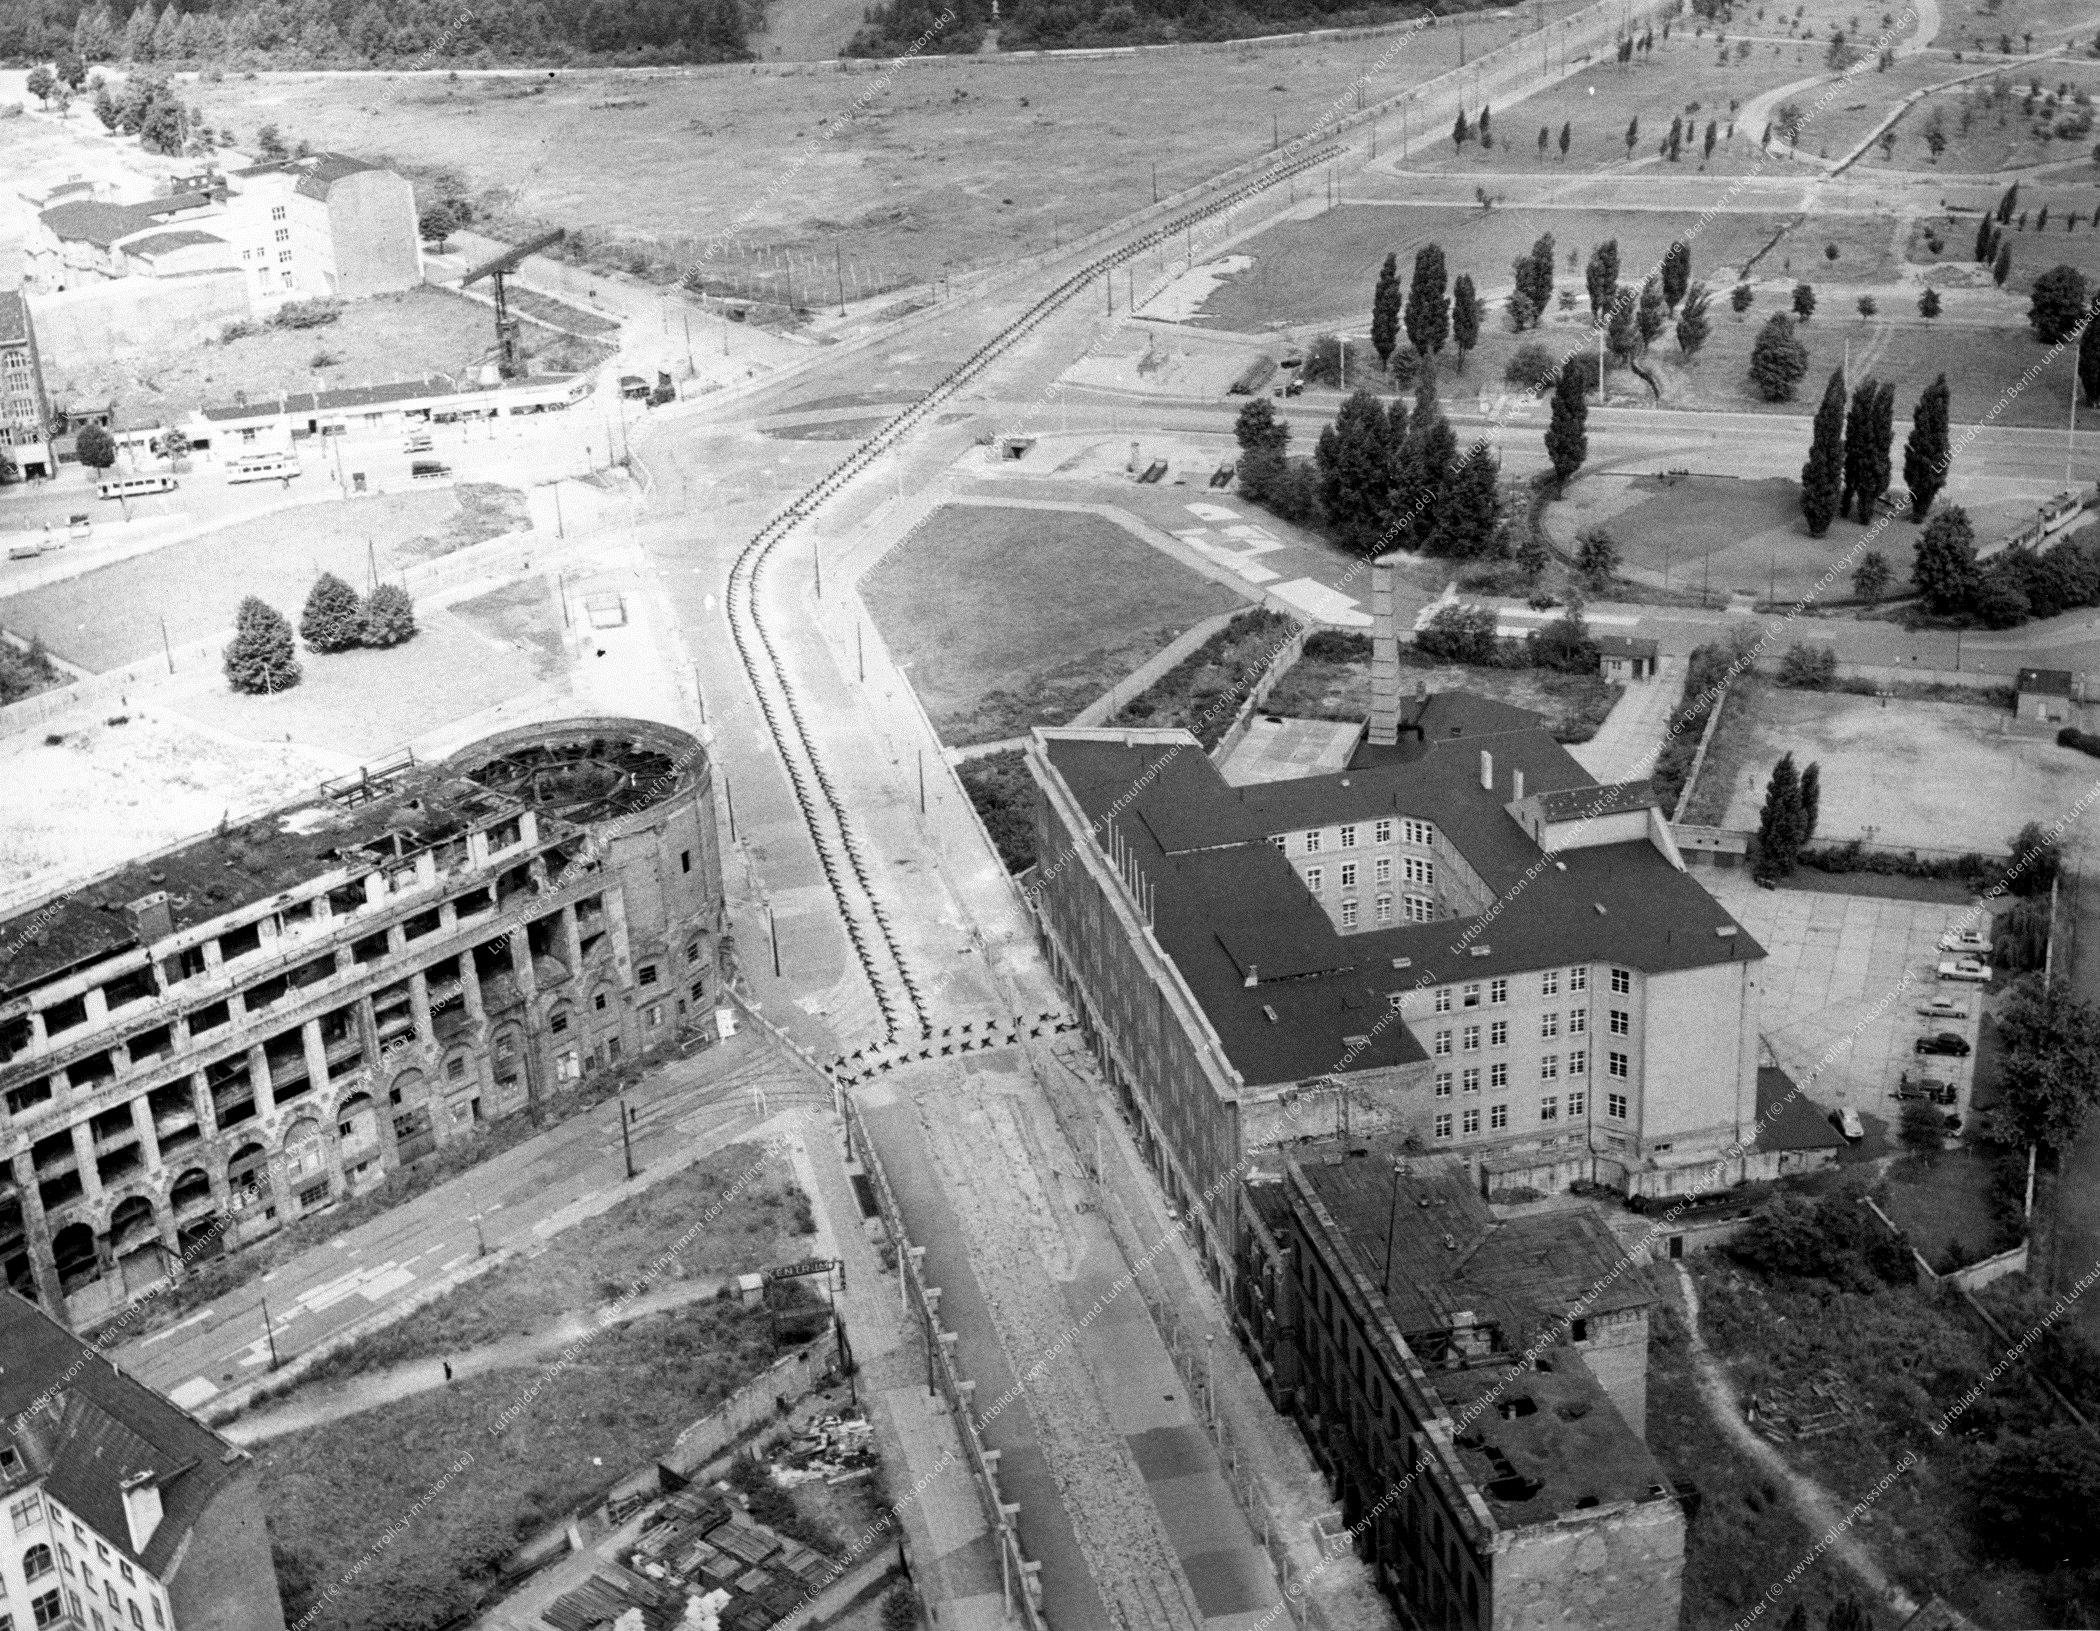 Luftbild der Ruinen und Trümmer vom Haus Vaterland am Potsdamer Platz in Berlin (Bild 038)